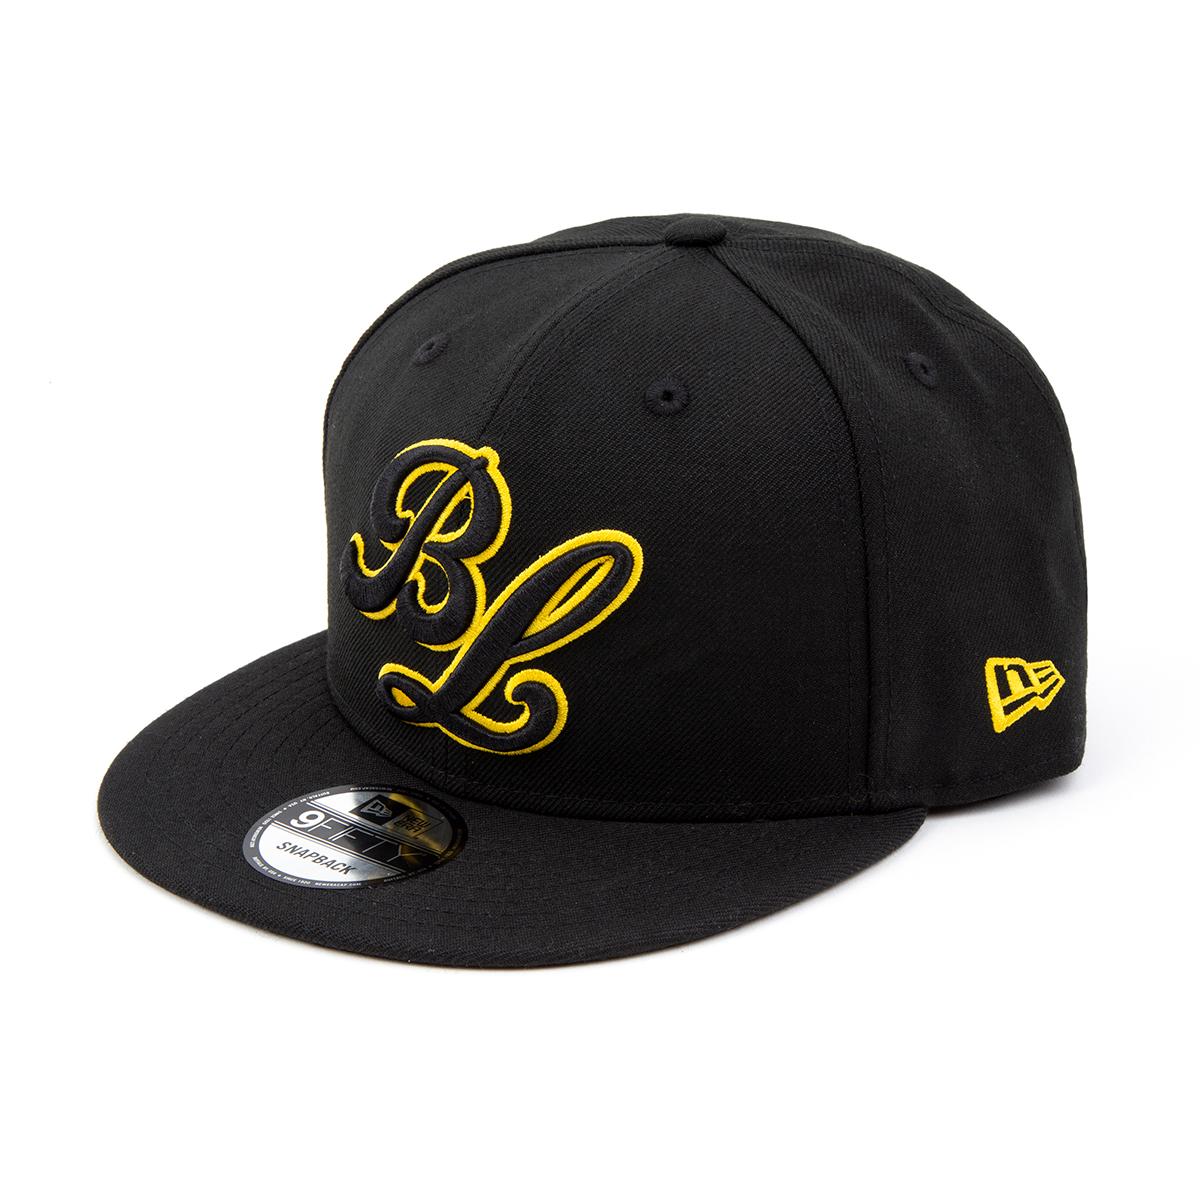 BL Script Stroke New Era 9Fifty Hat